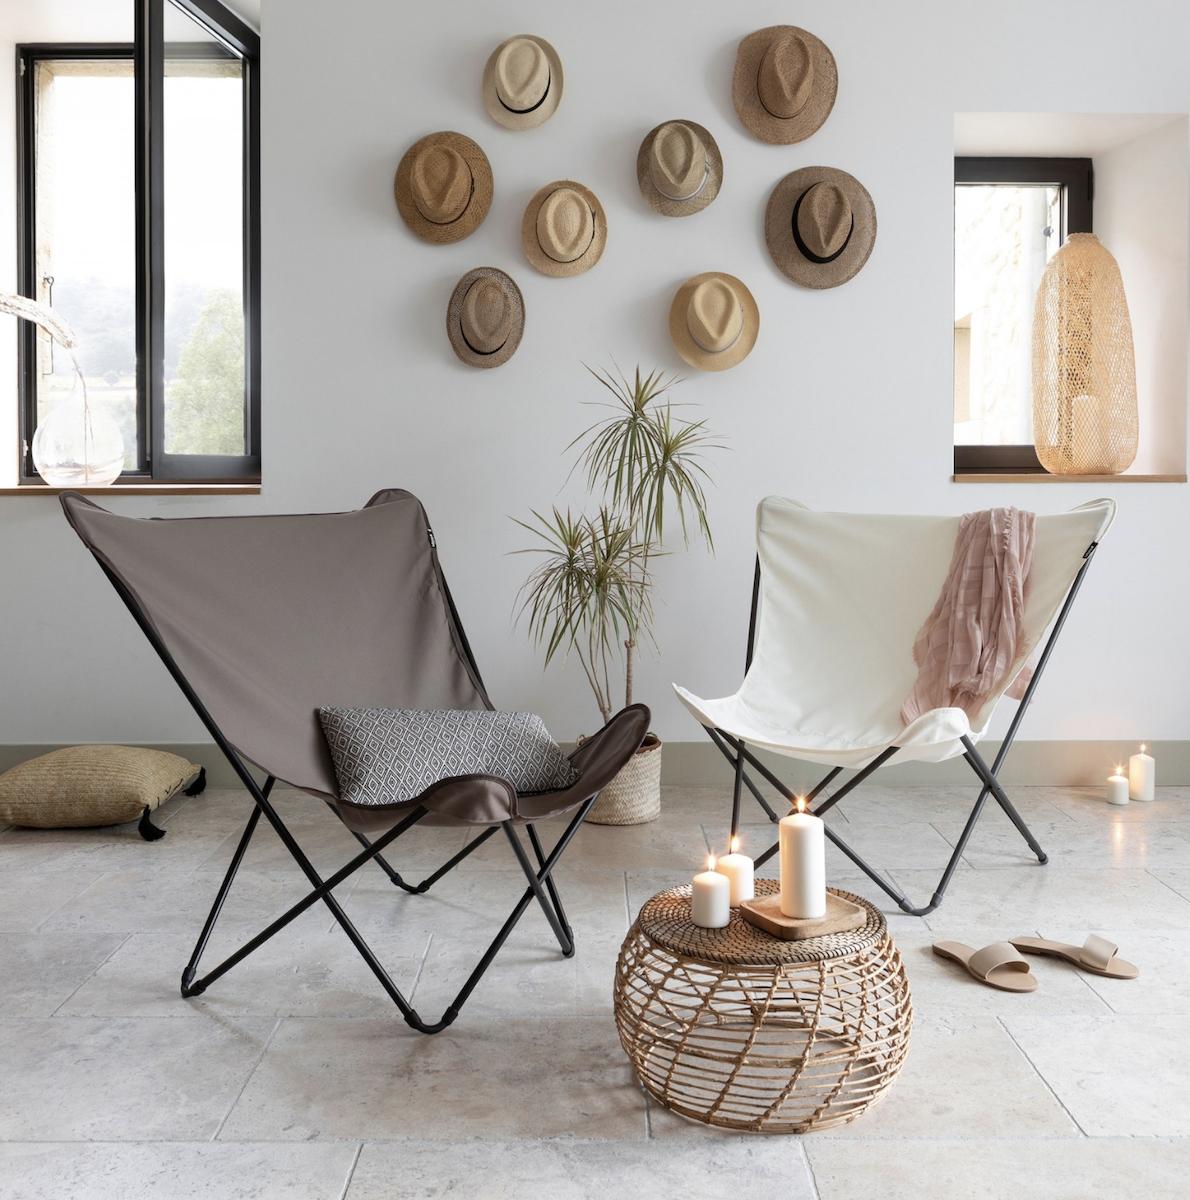 fauteuil design pop up xl kaki Lafuma mobilier intérieur et extérieure design et confortable - blog déco - clematc